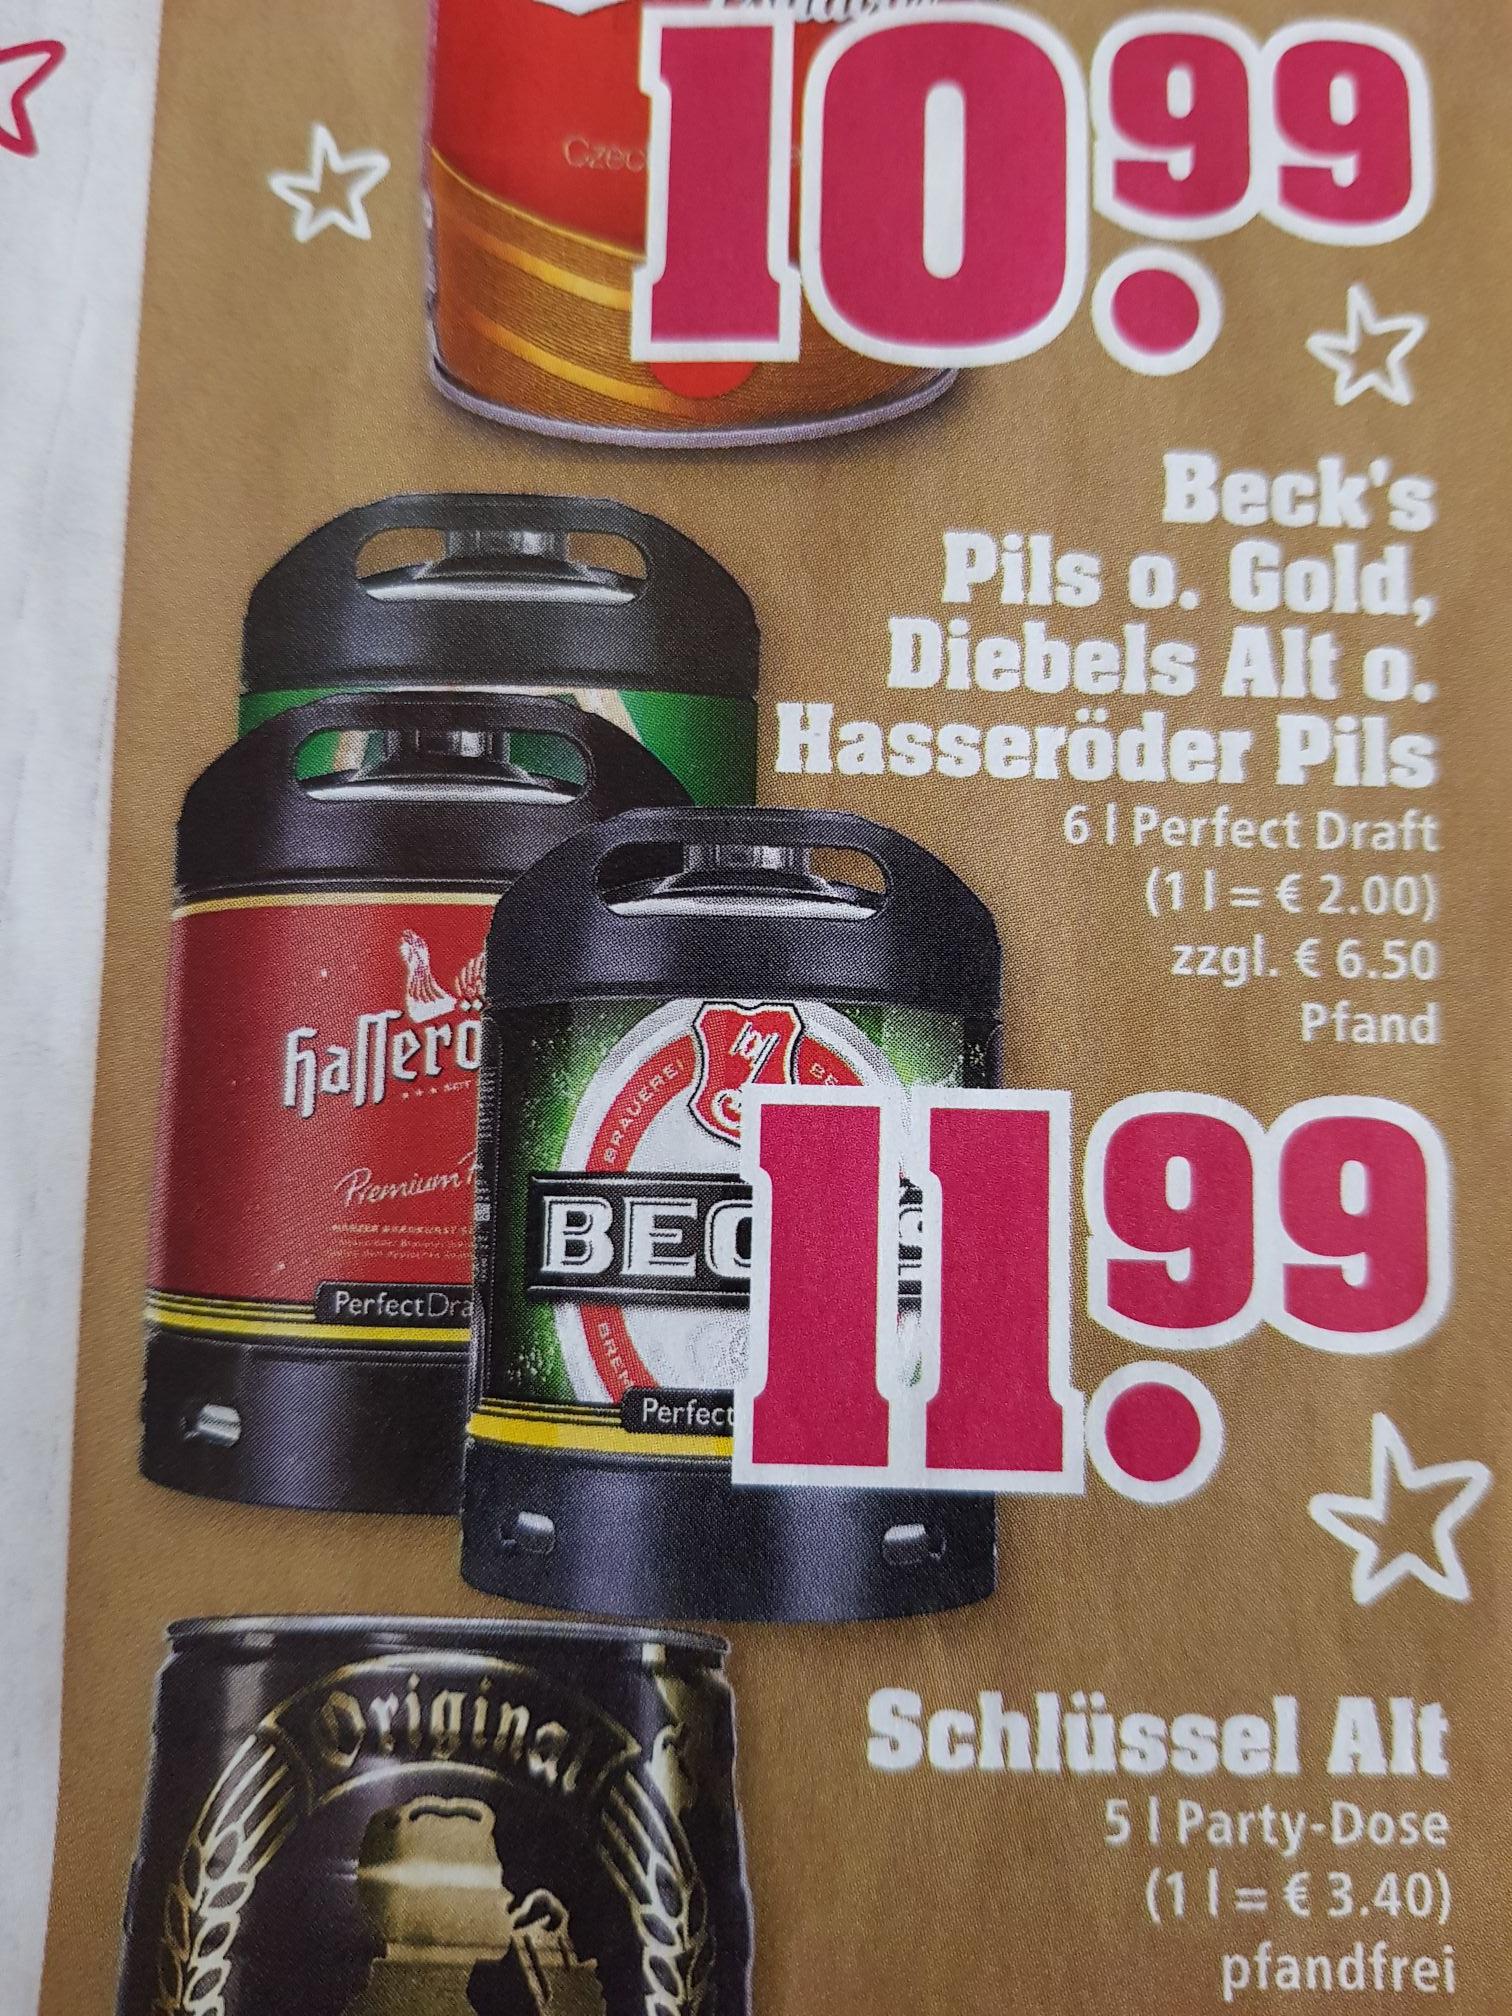 PerfectDraft Bier bei Trinkgut für €11,99 pro 6l Fass